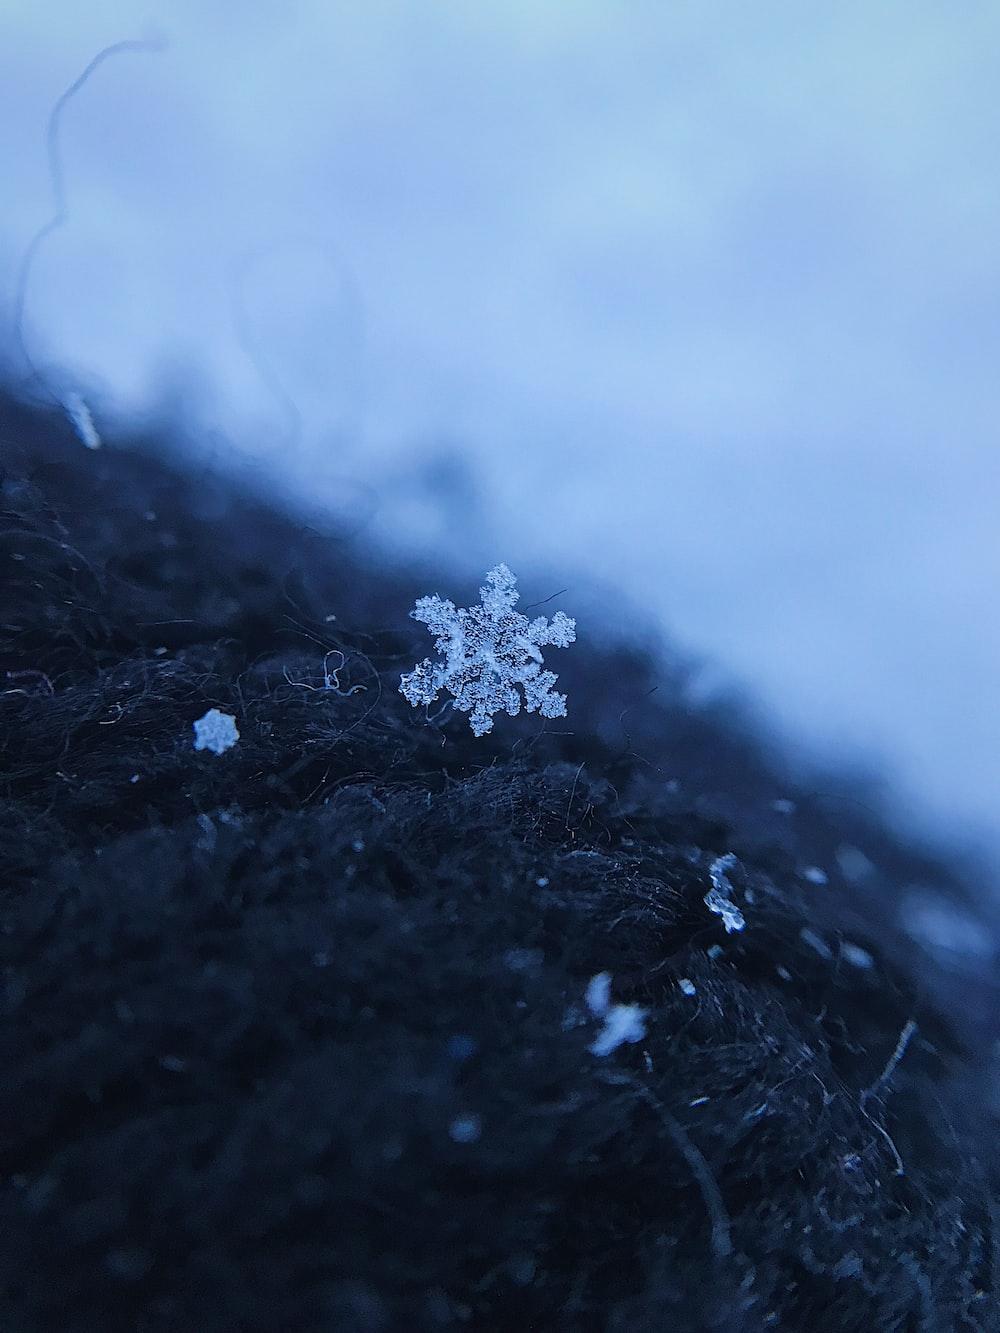 white snow flakes on black textile